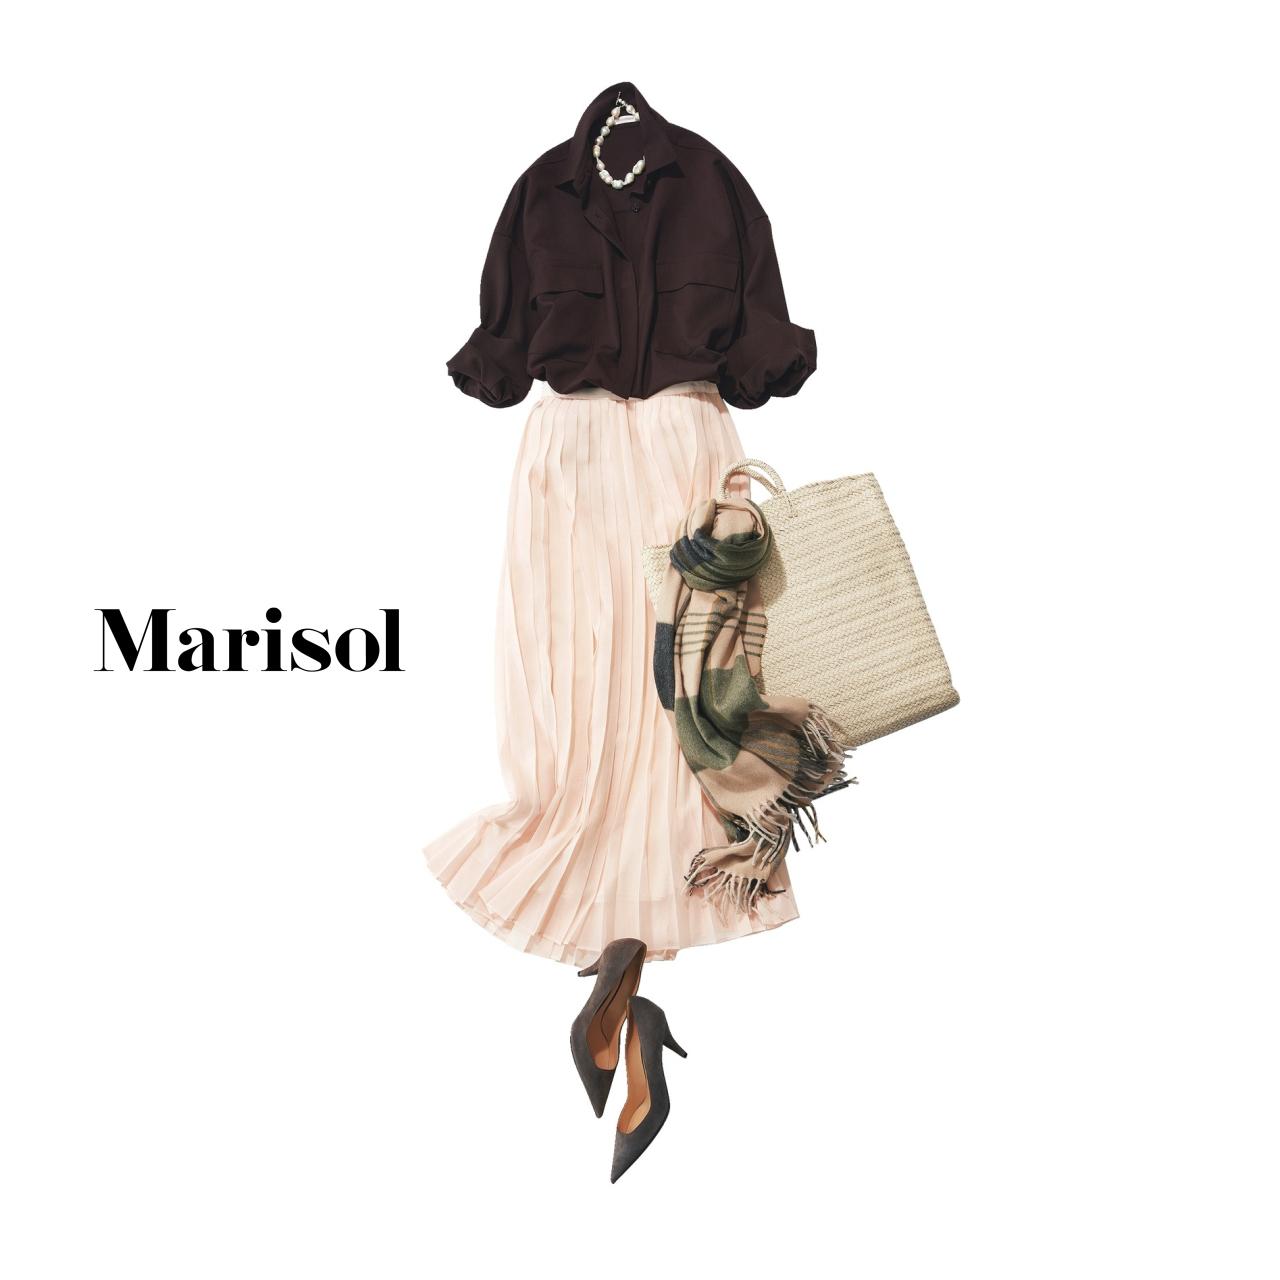 40代ファッション ブラウス×プリーツスカート×パンプスコーデ